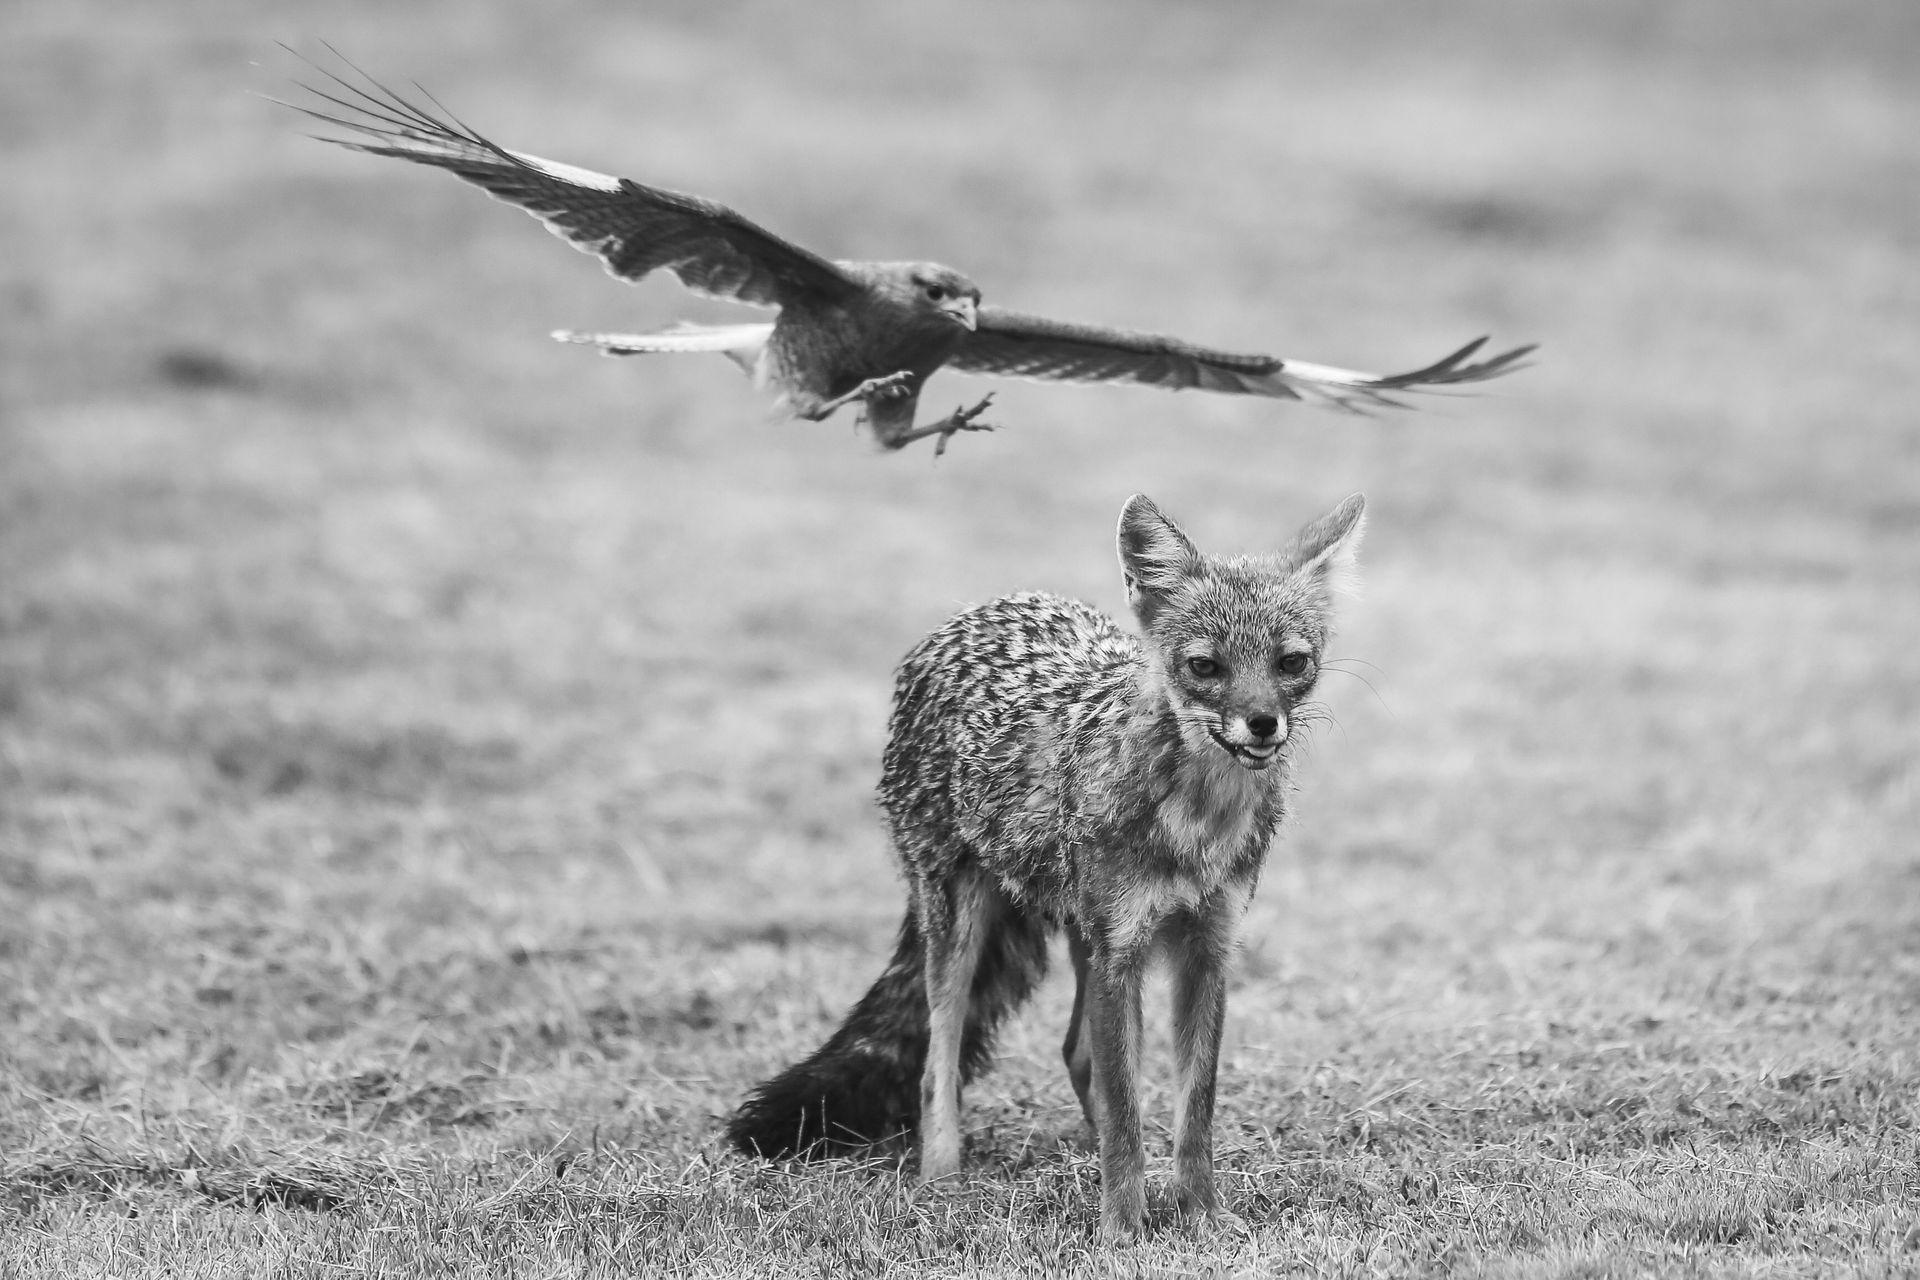 Un chimango disputa el territorio por comida a un zorro gris en Villa General Belgrano, Cordoba.